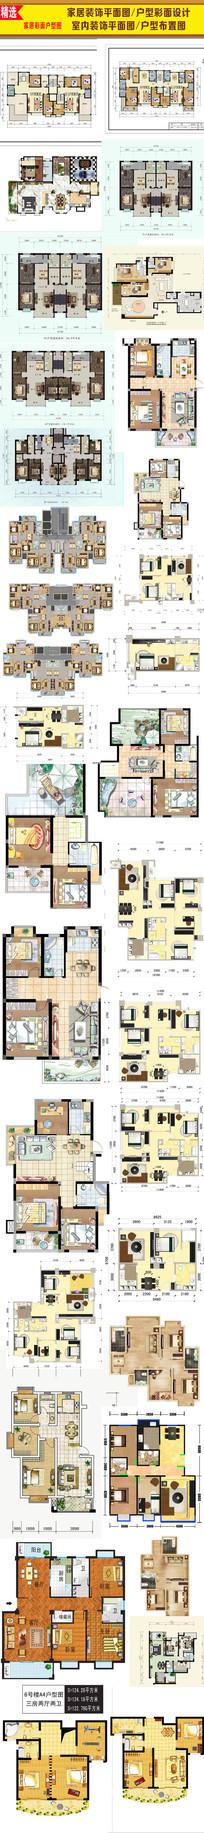 户型彩面设计 室内装饰平面图